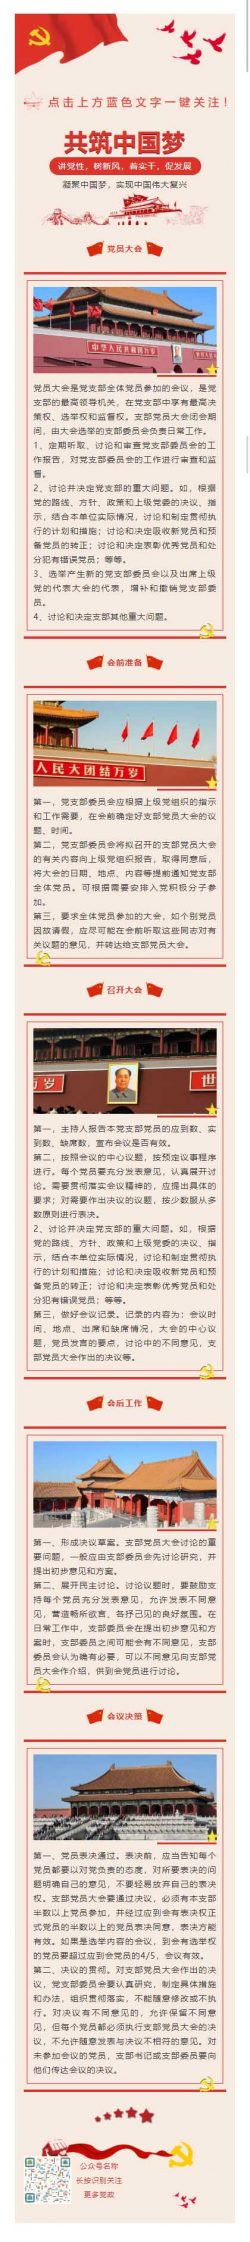 共筑中国梦讲党性,树新风,着实干,促发展红色党政